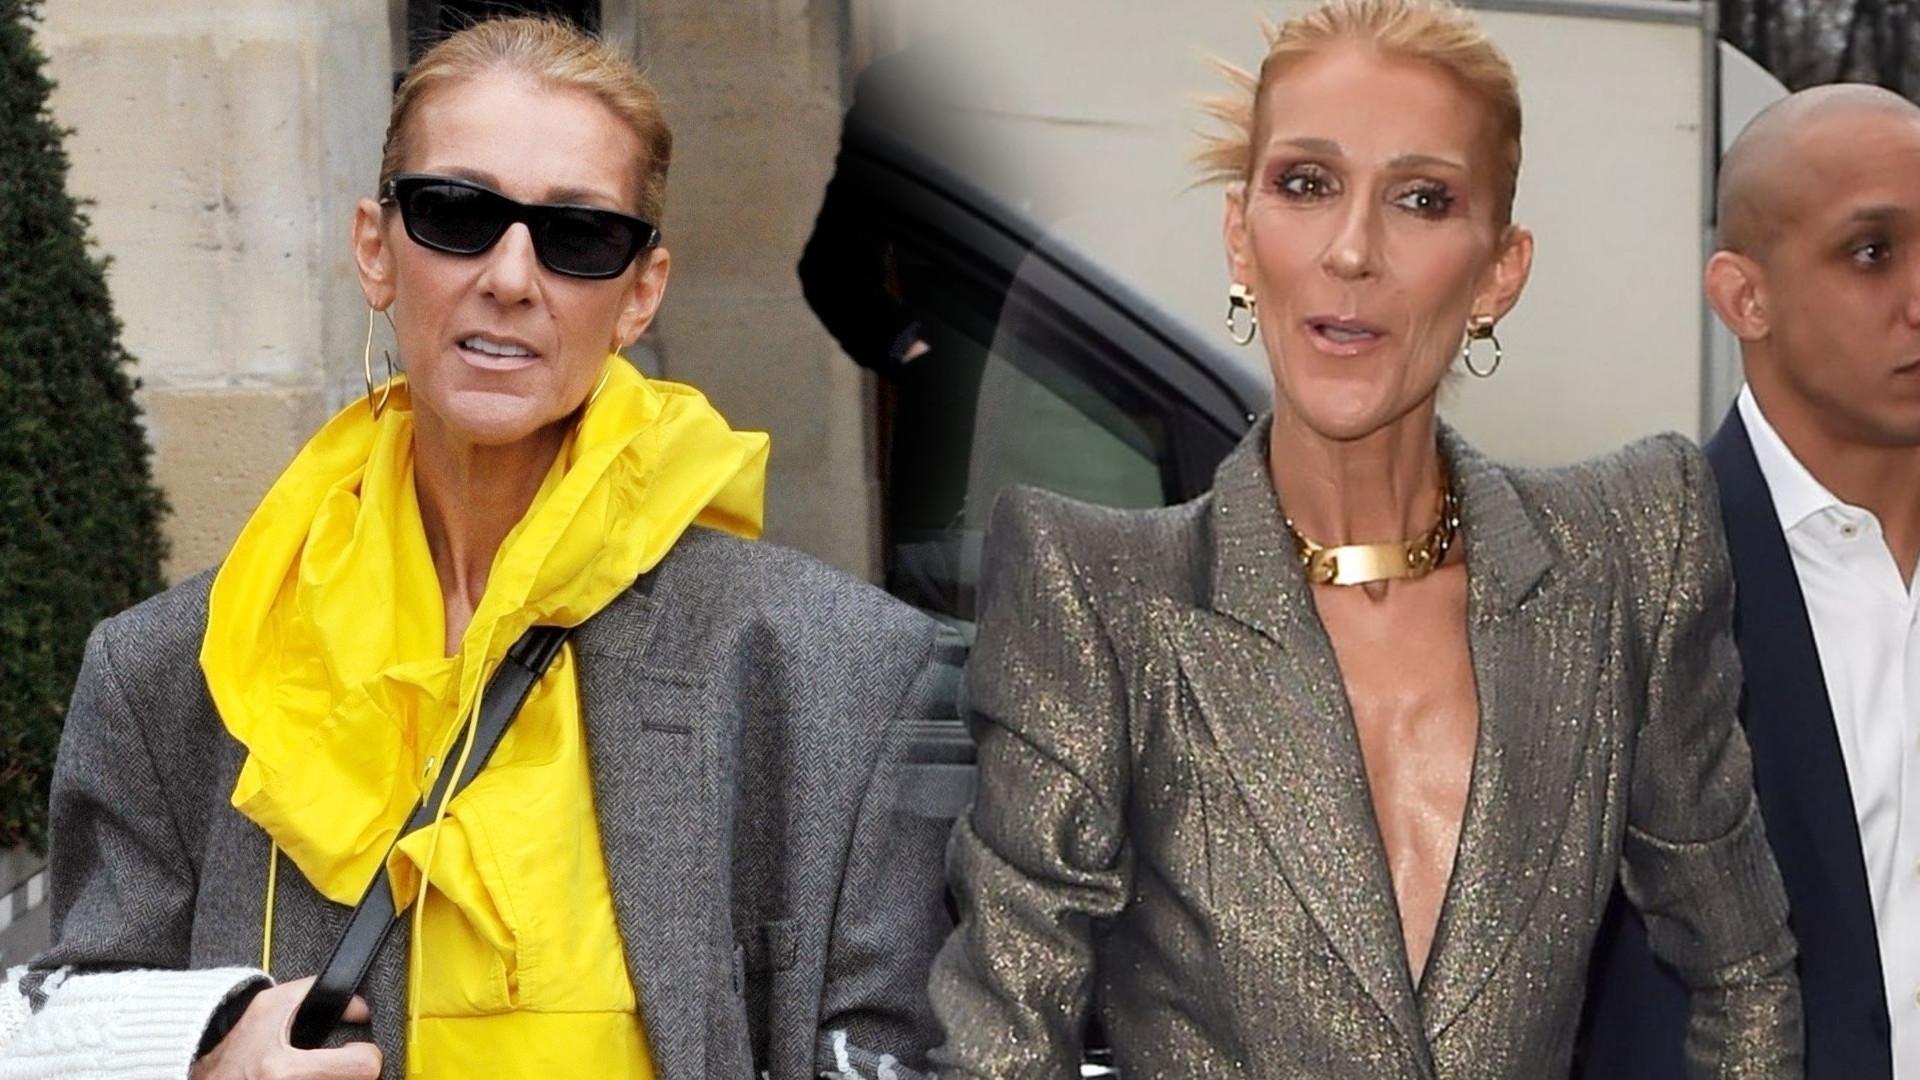 Kolejny OSTRY komentarz Celine Dione w sprawie jej anoreksji